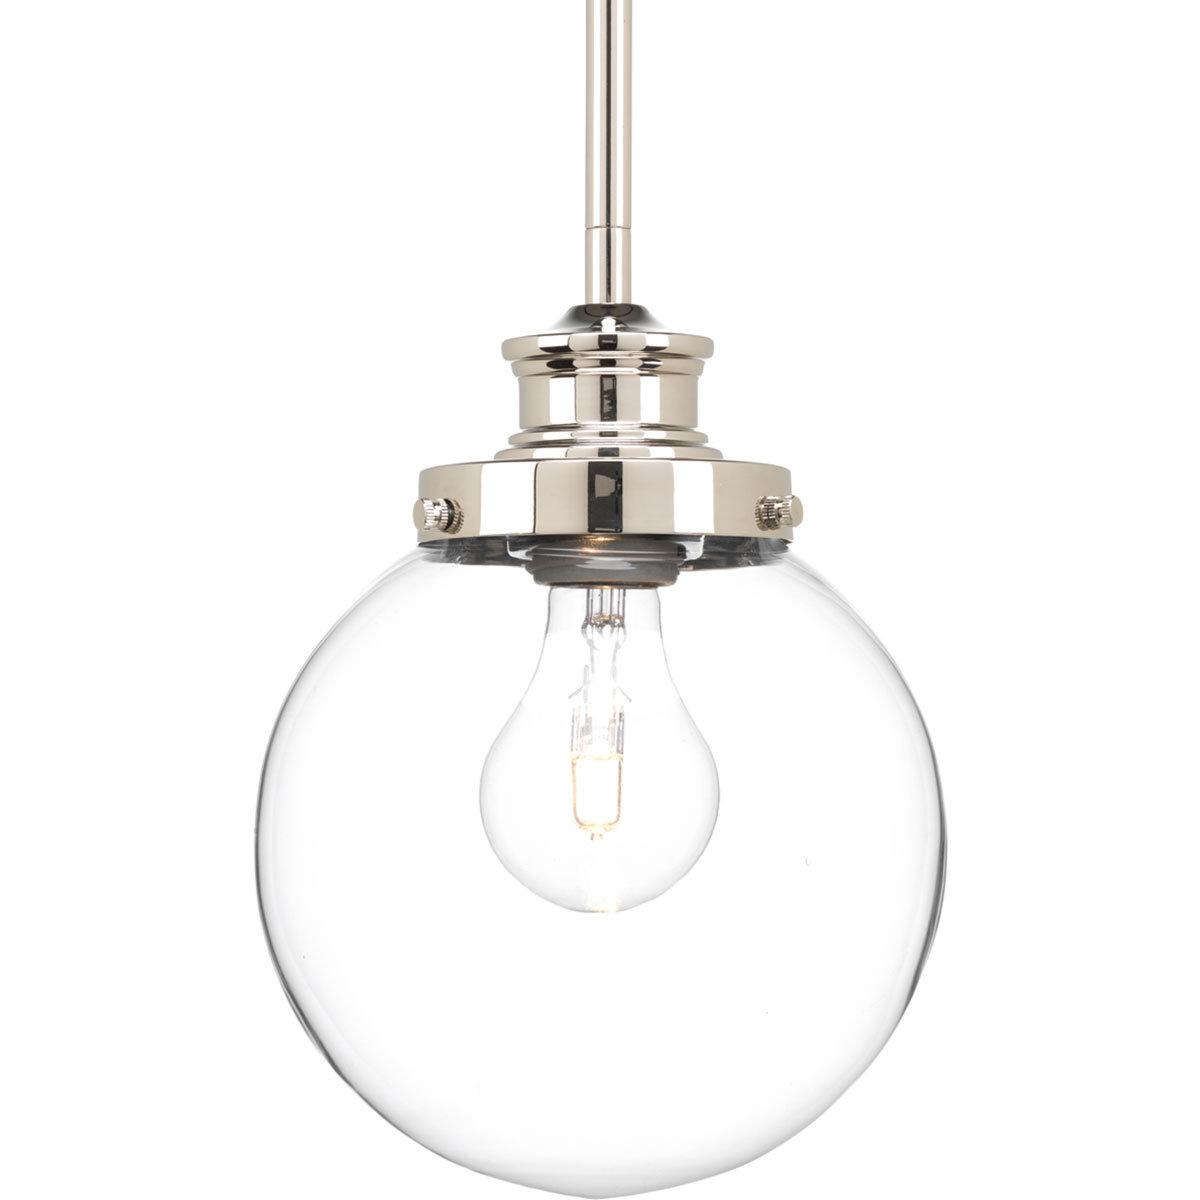 Zipcode Design Cayden 1 Light Single Globe Pendant Intended For Irwin 1 Light Single Globe Pendants (View 30 of 30)